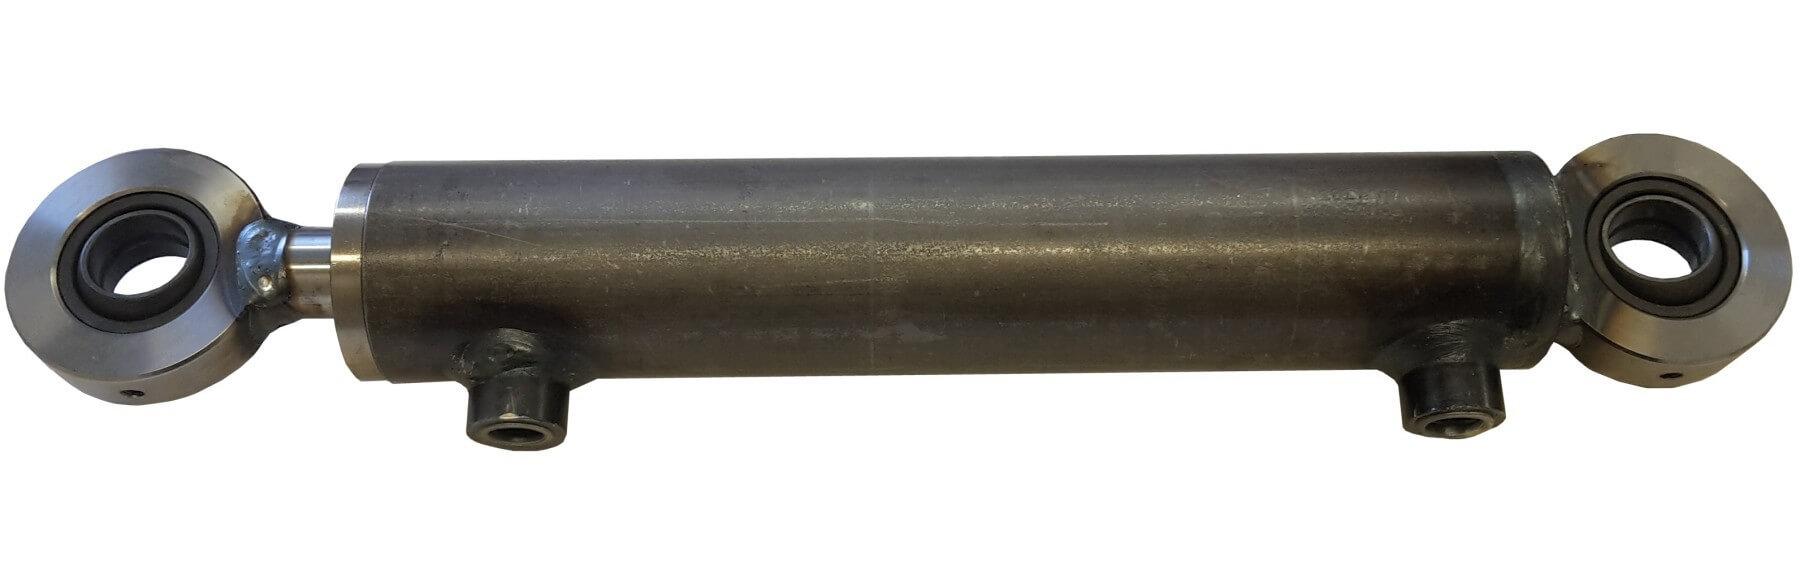 Hydraulisylinteri CL 32. 20. 150 GE - Kailatec Oy Verkkokauppa